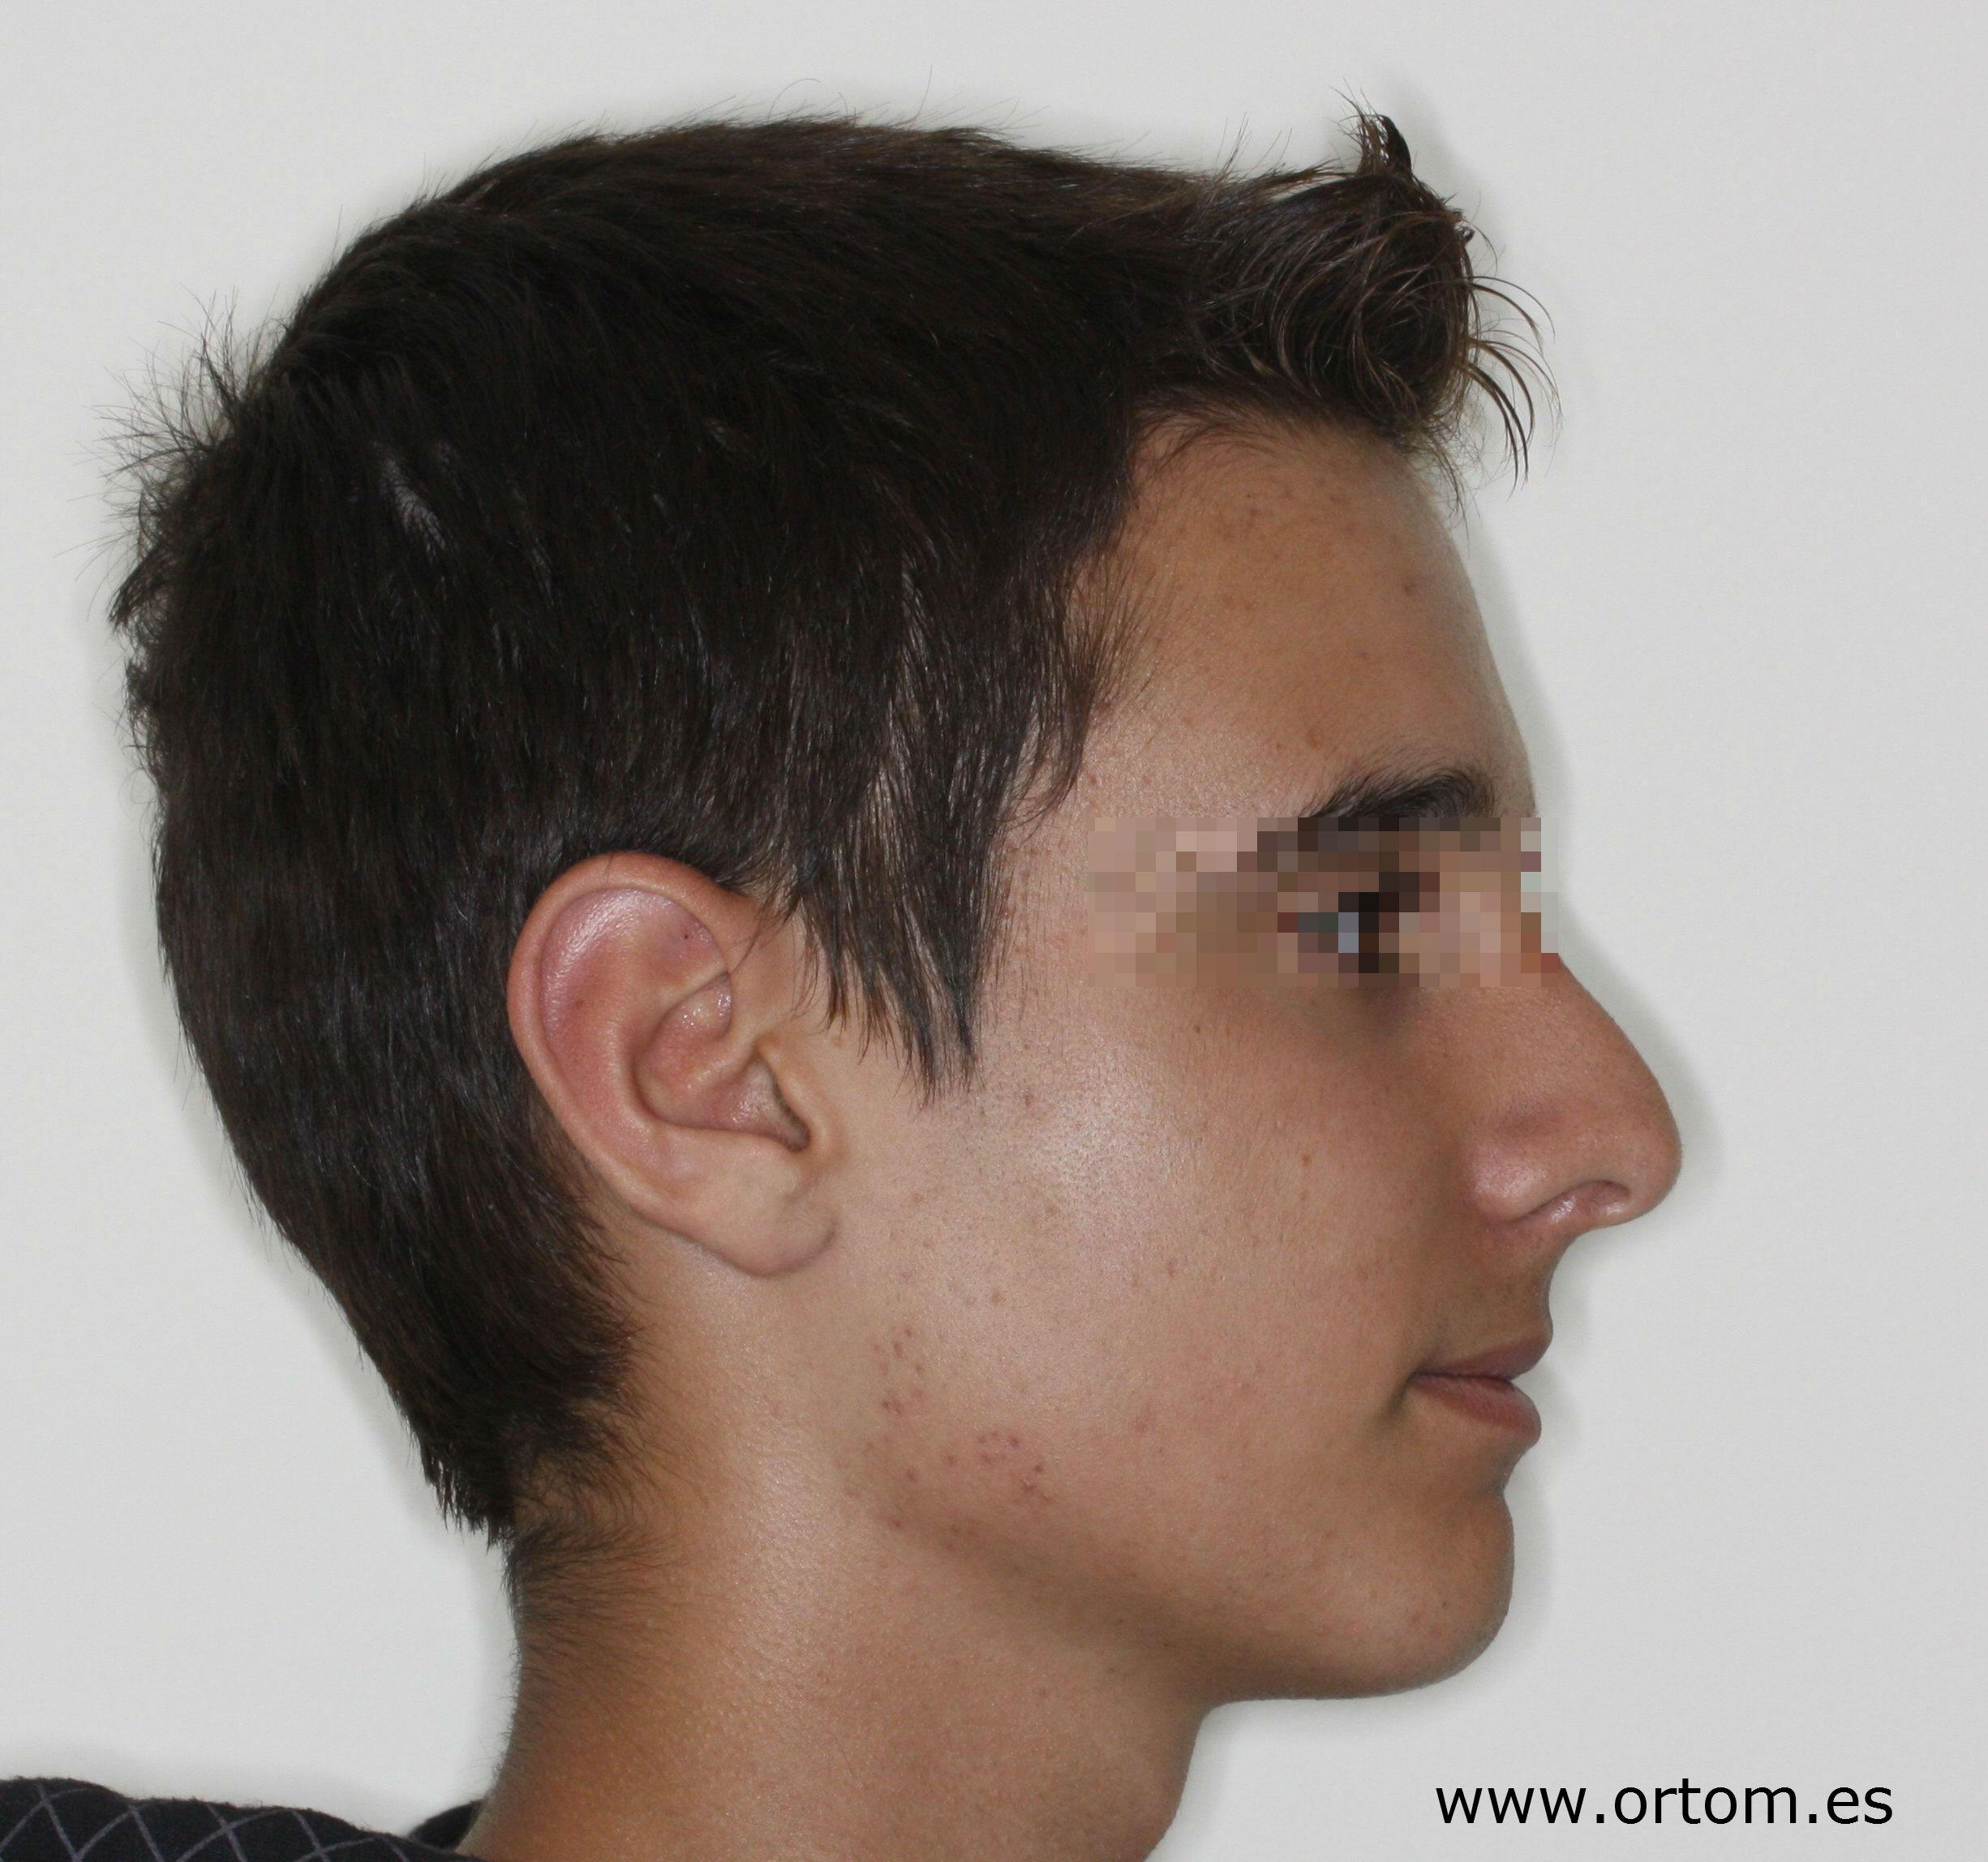 ¿cómo puede un chico obtener una mejor mandíbula?